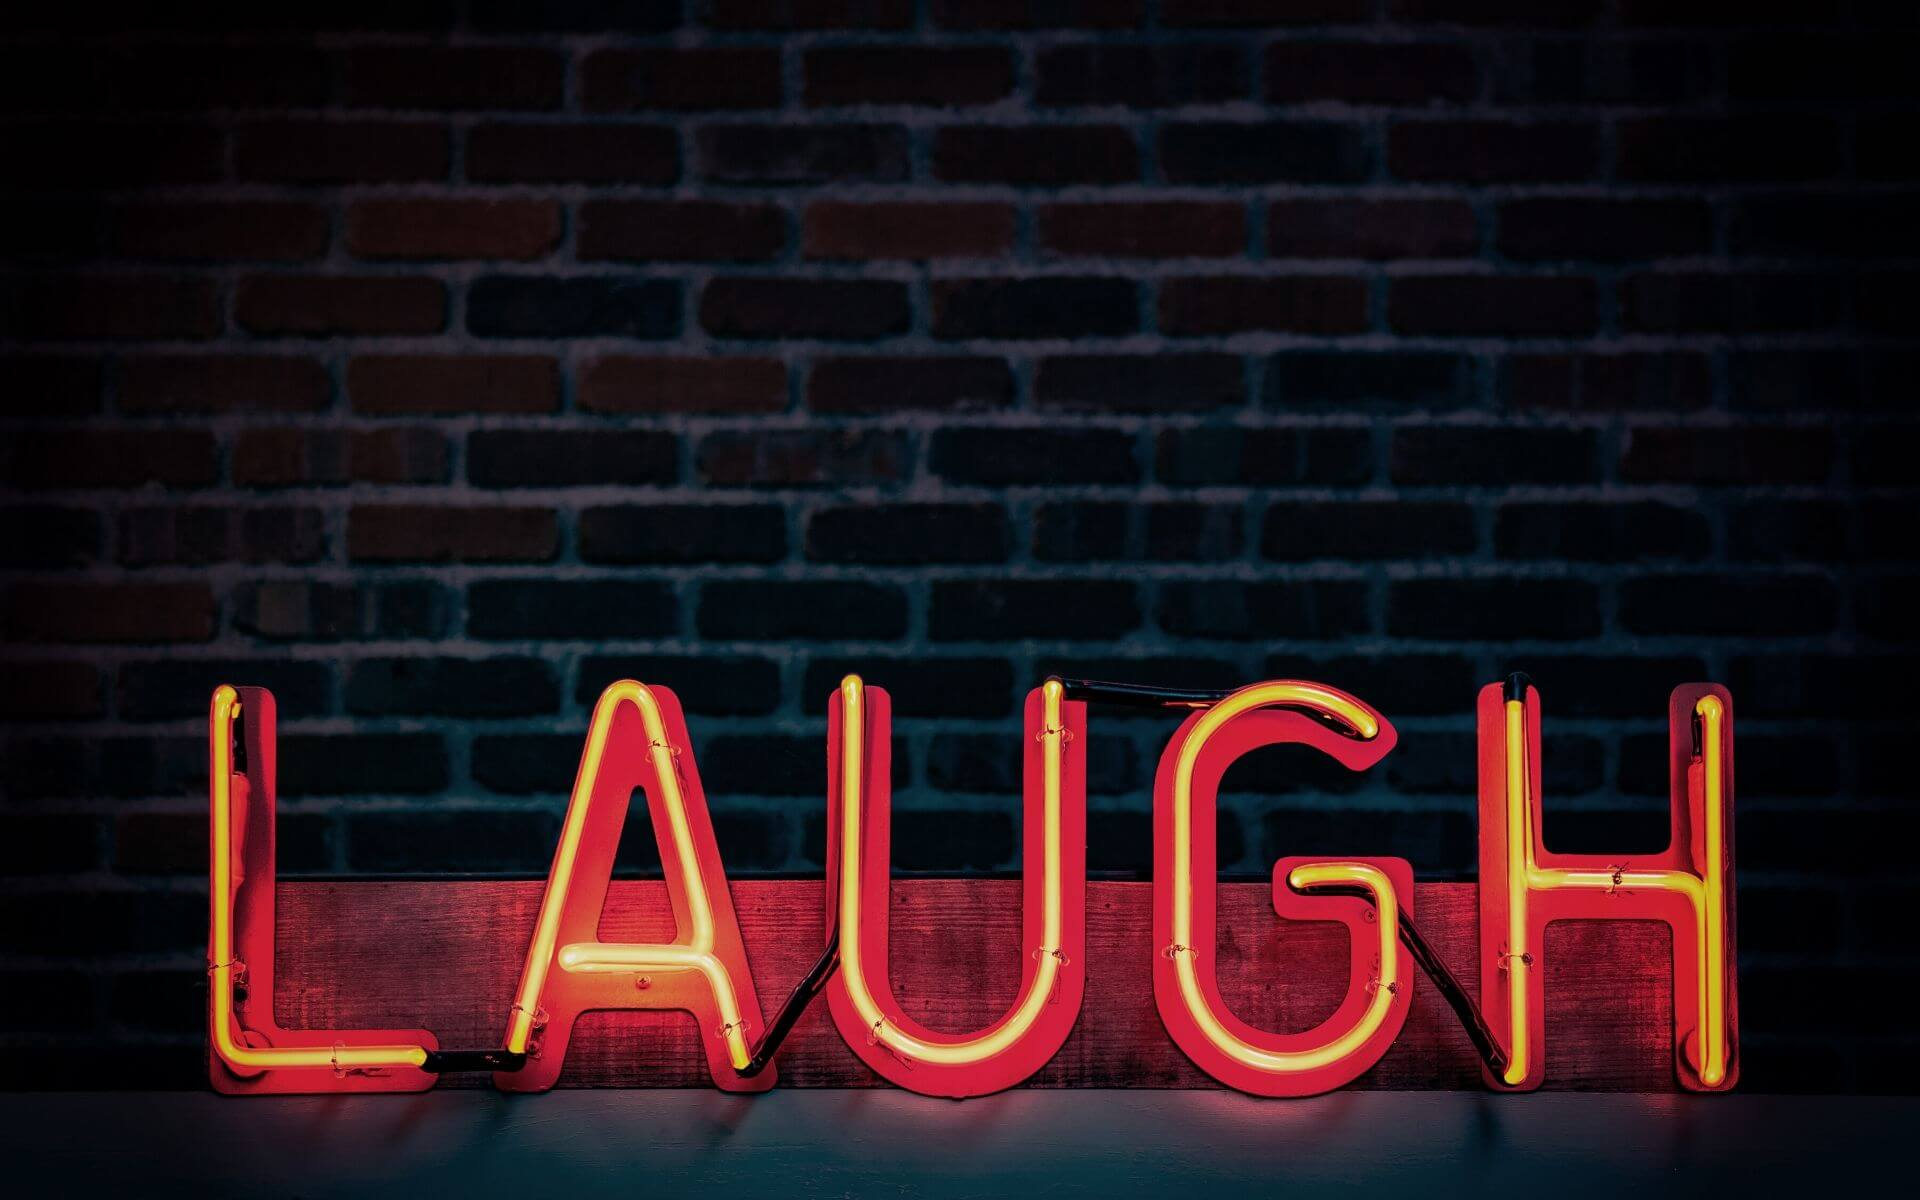 674 lustige Sprüche, die dich vom Hocker hauen werden!